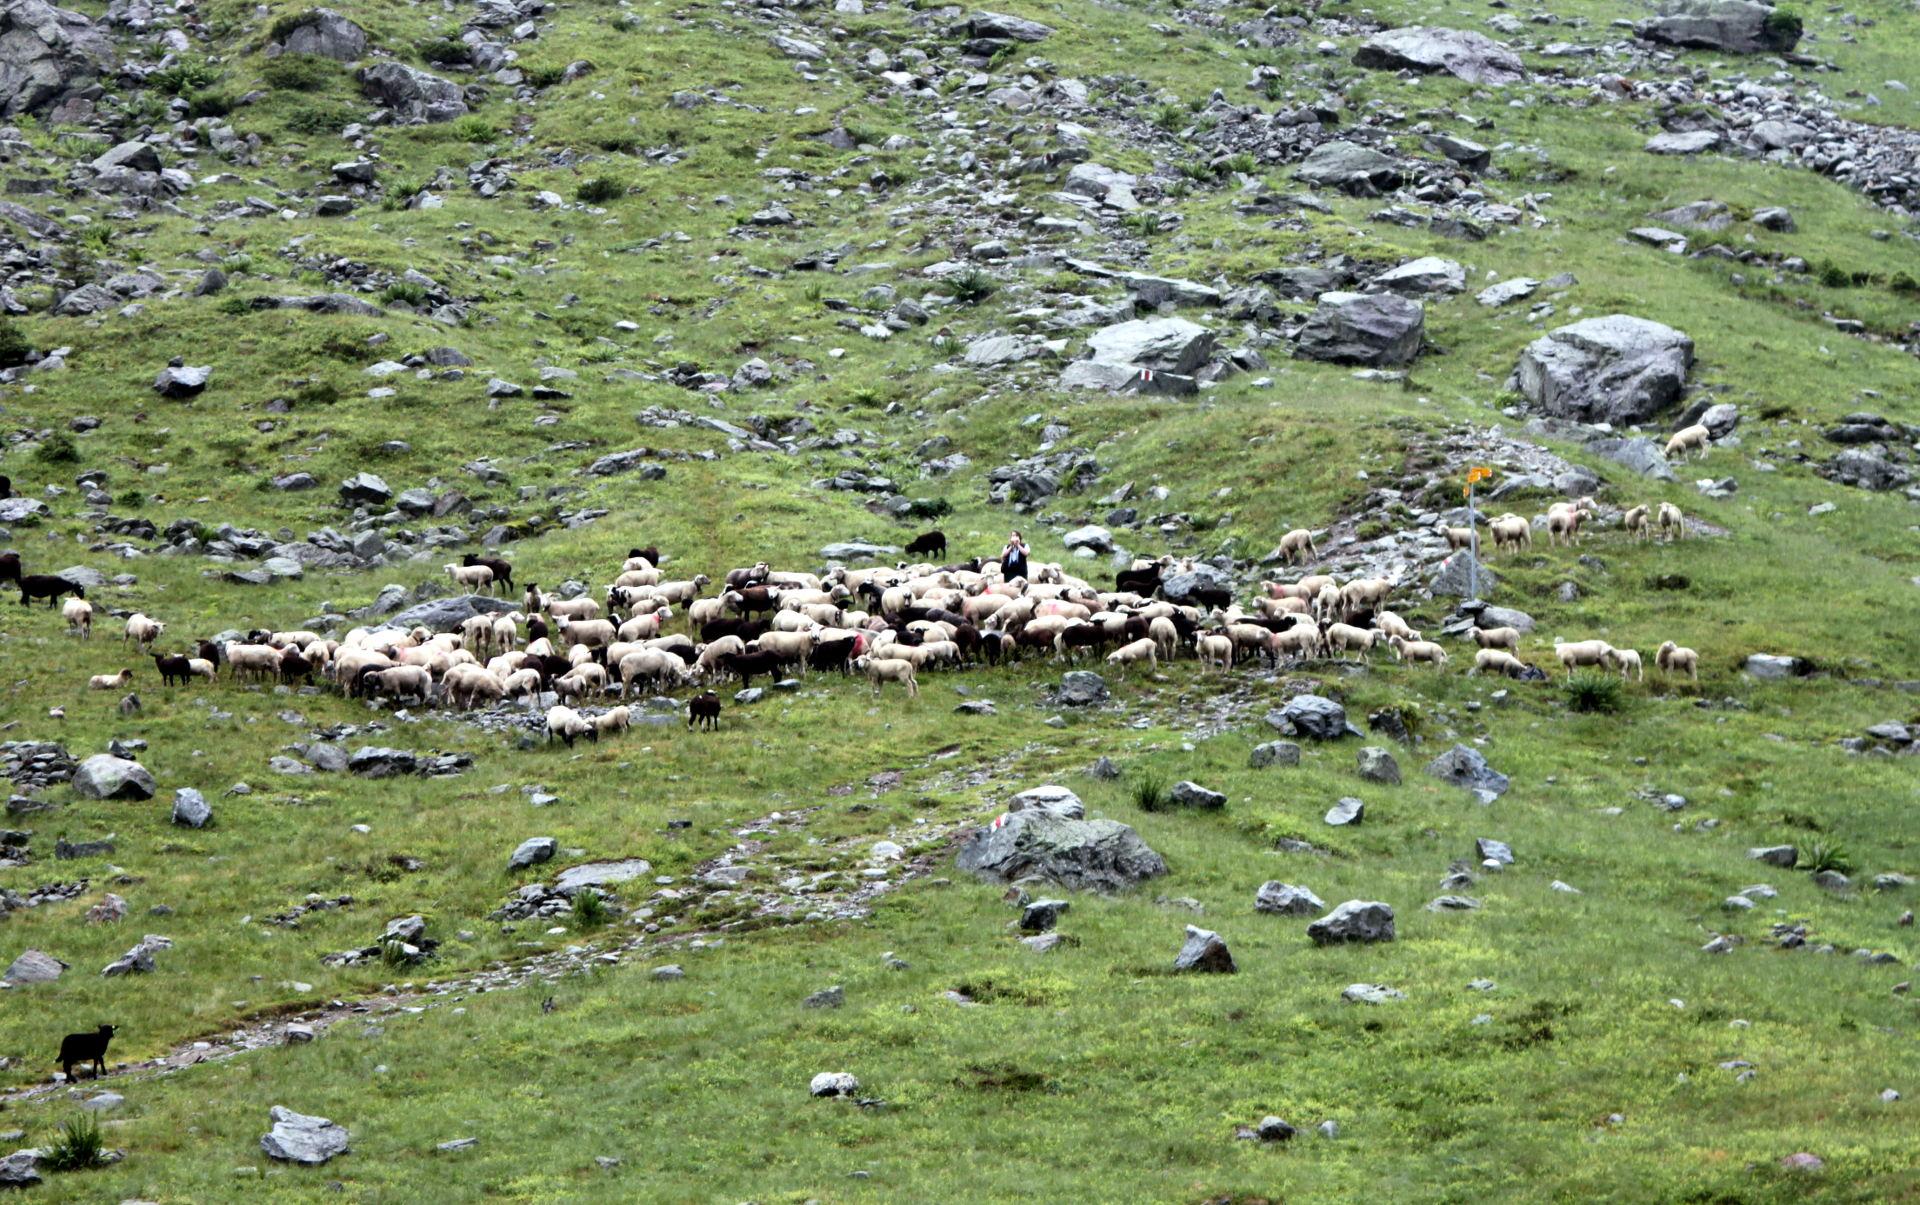 Alpy Szwajcarskie stado owiec iglawpodrozy